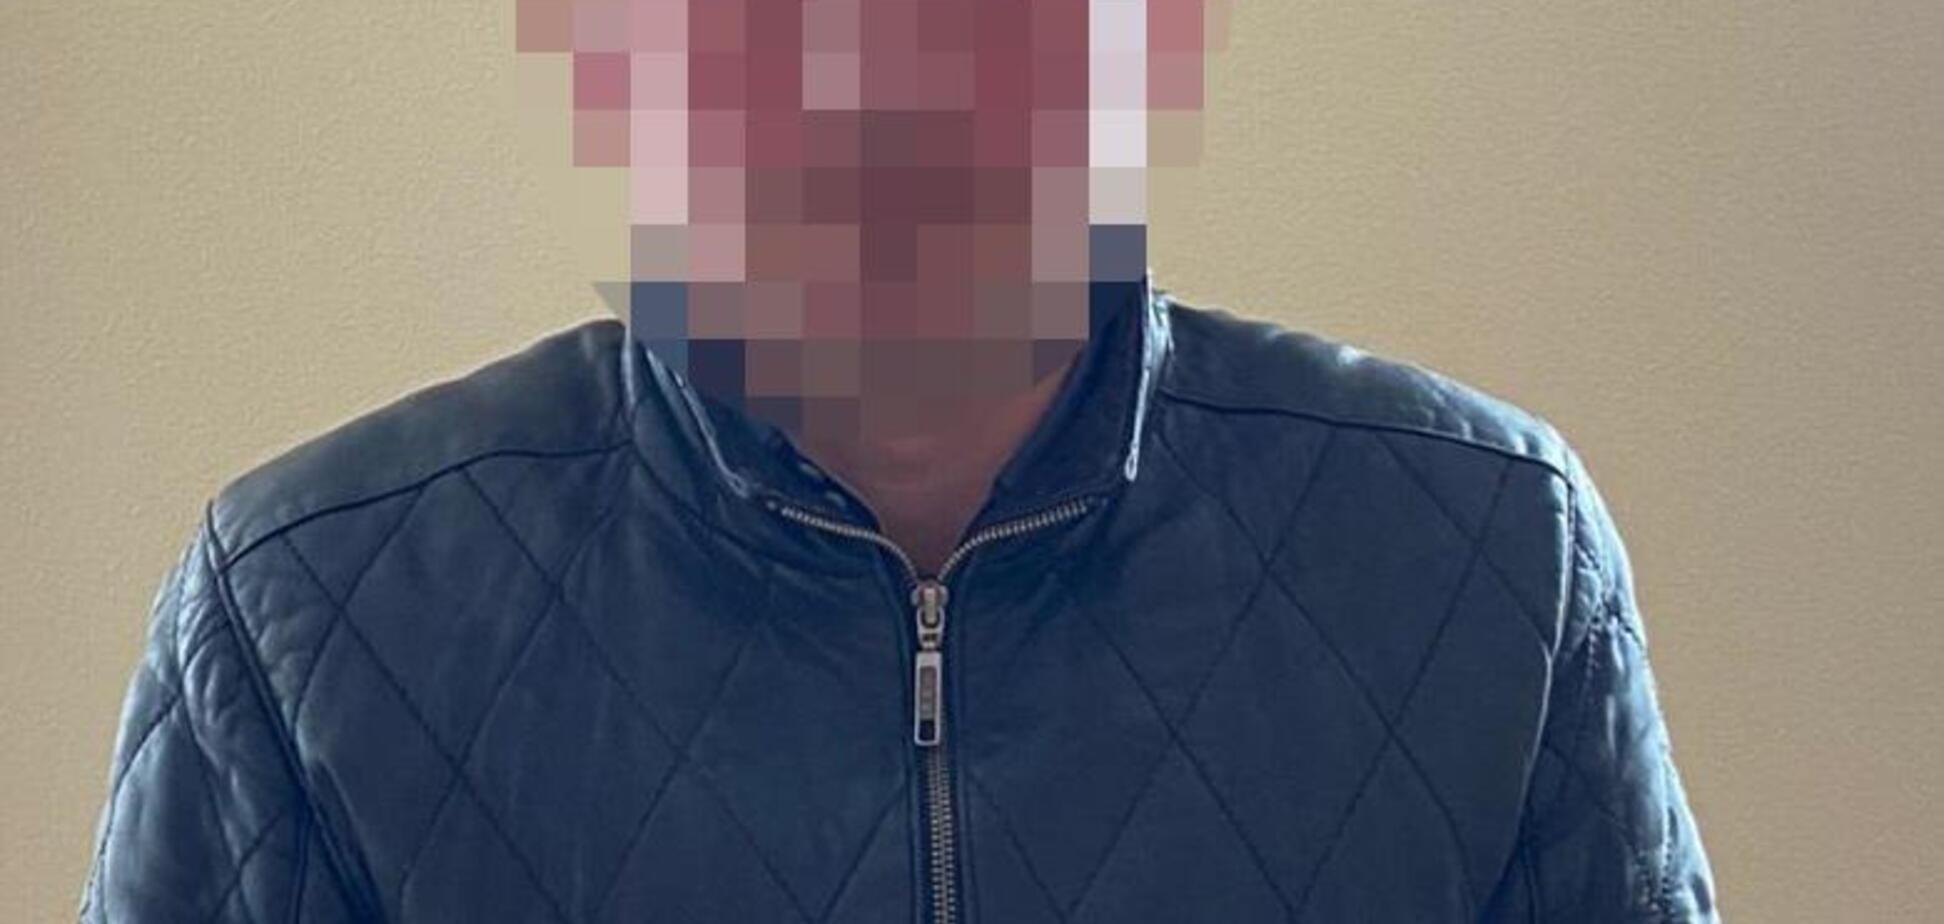 У Києві чоловік побив свого товариша до смерті. Фото, відео